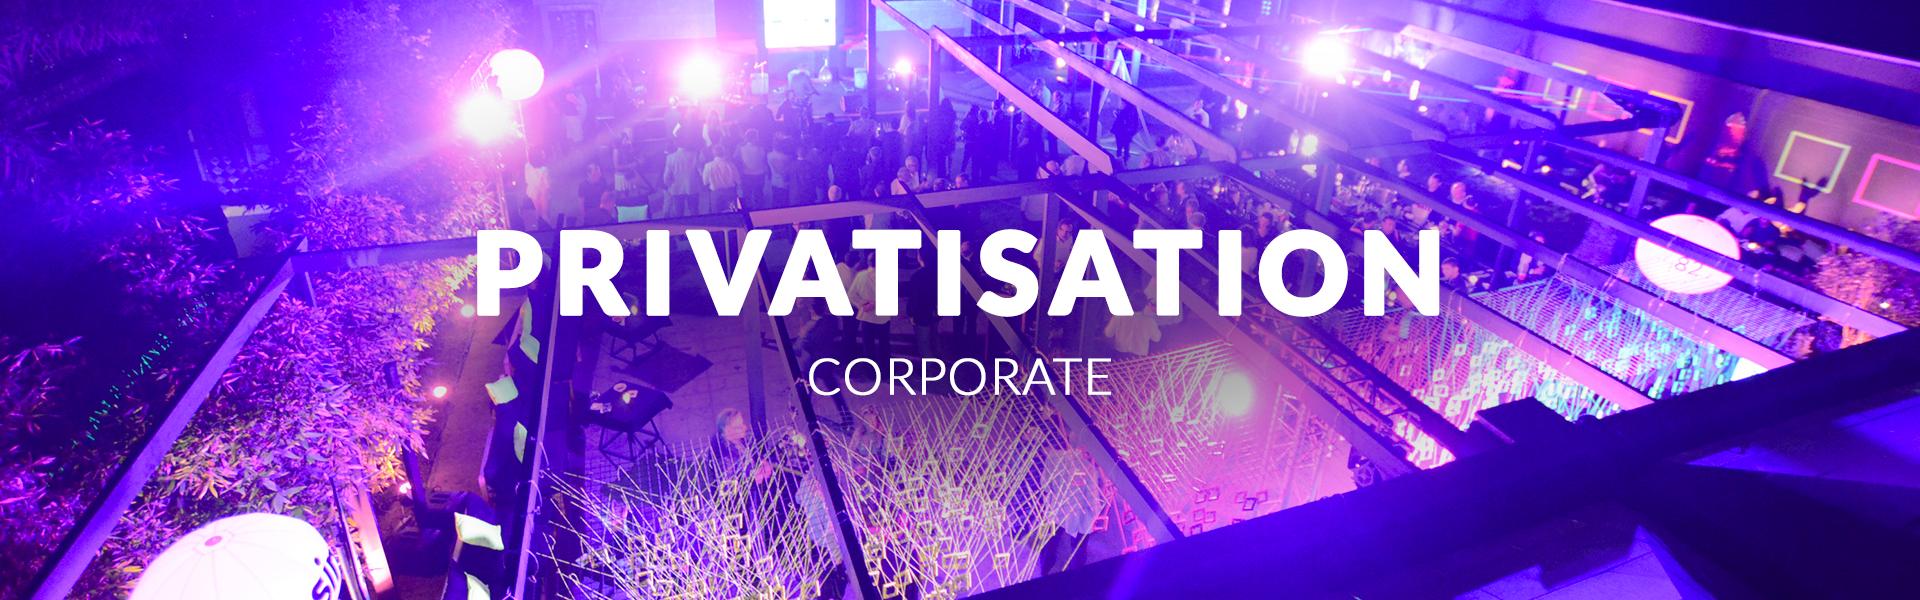 privatisation corpo